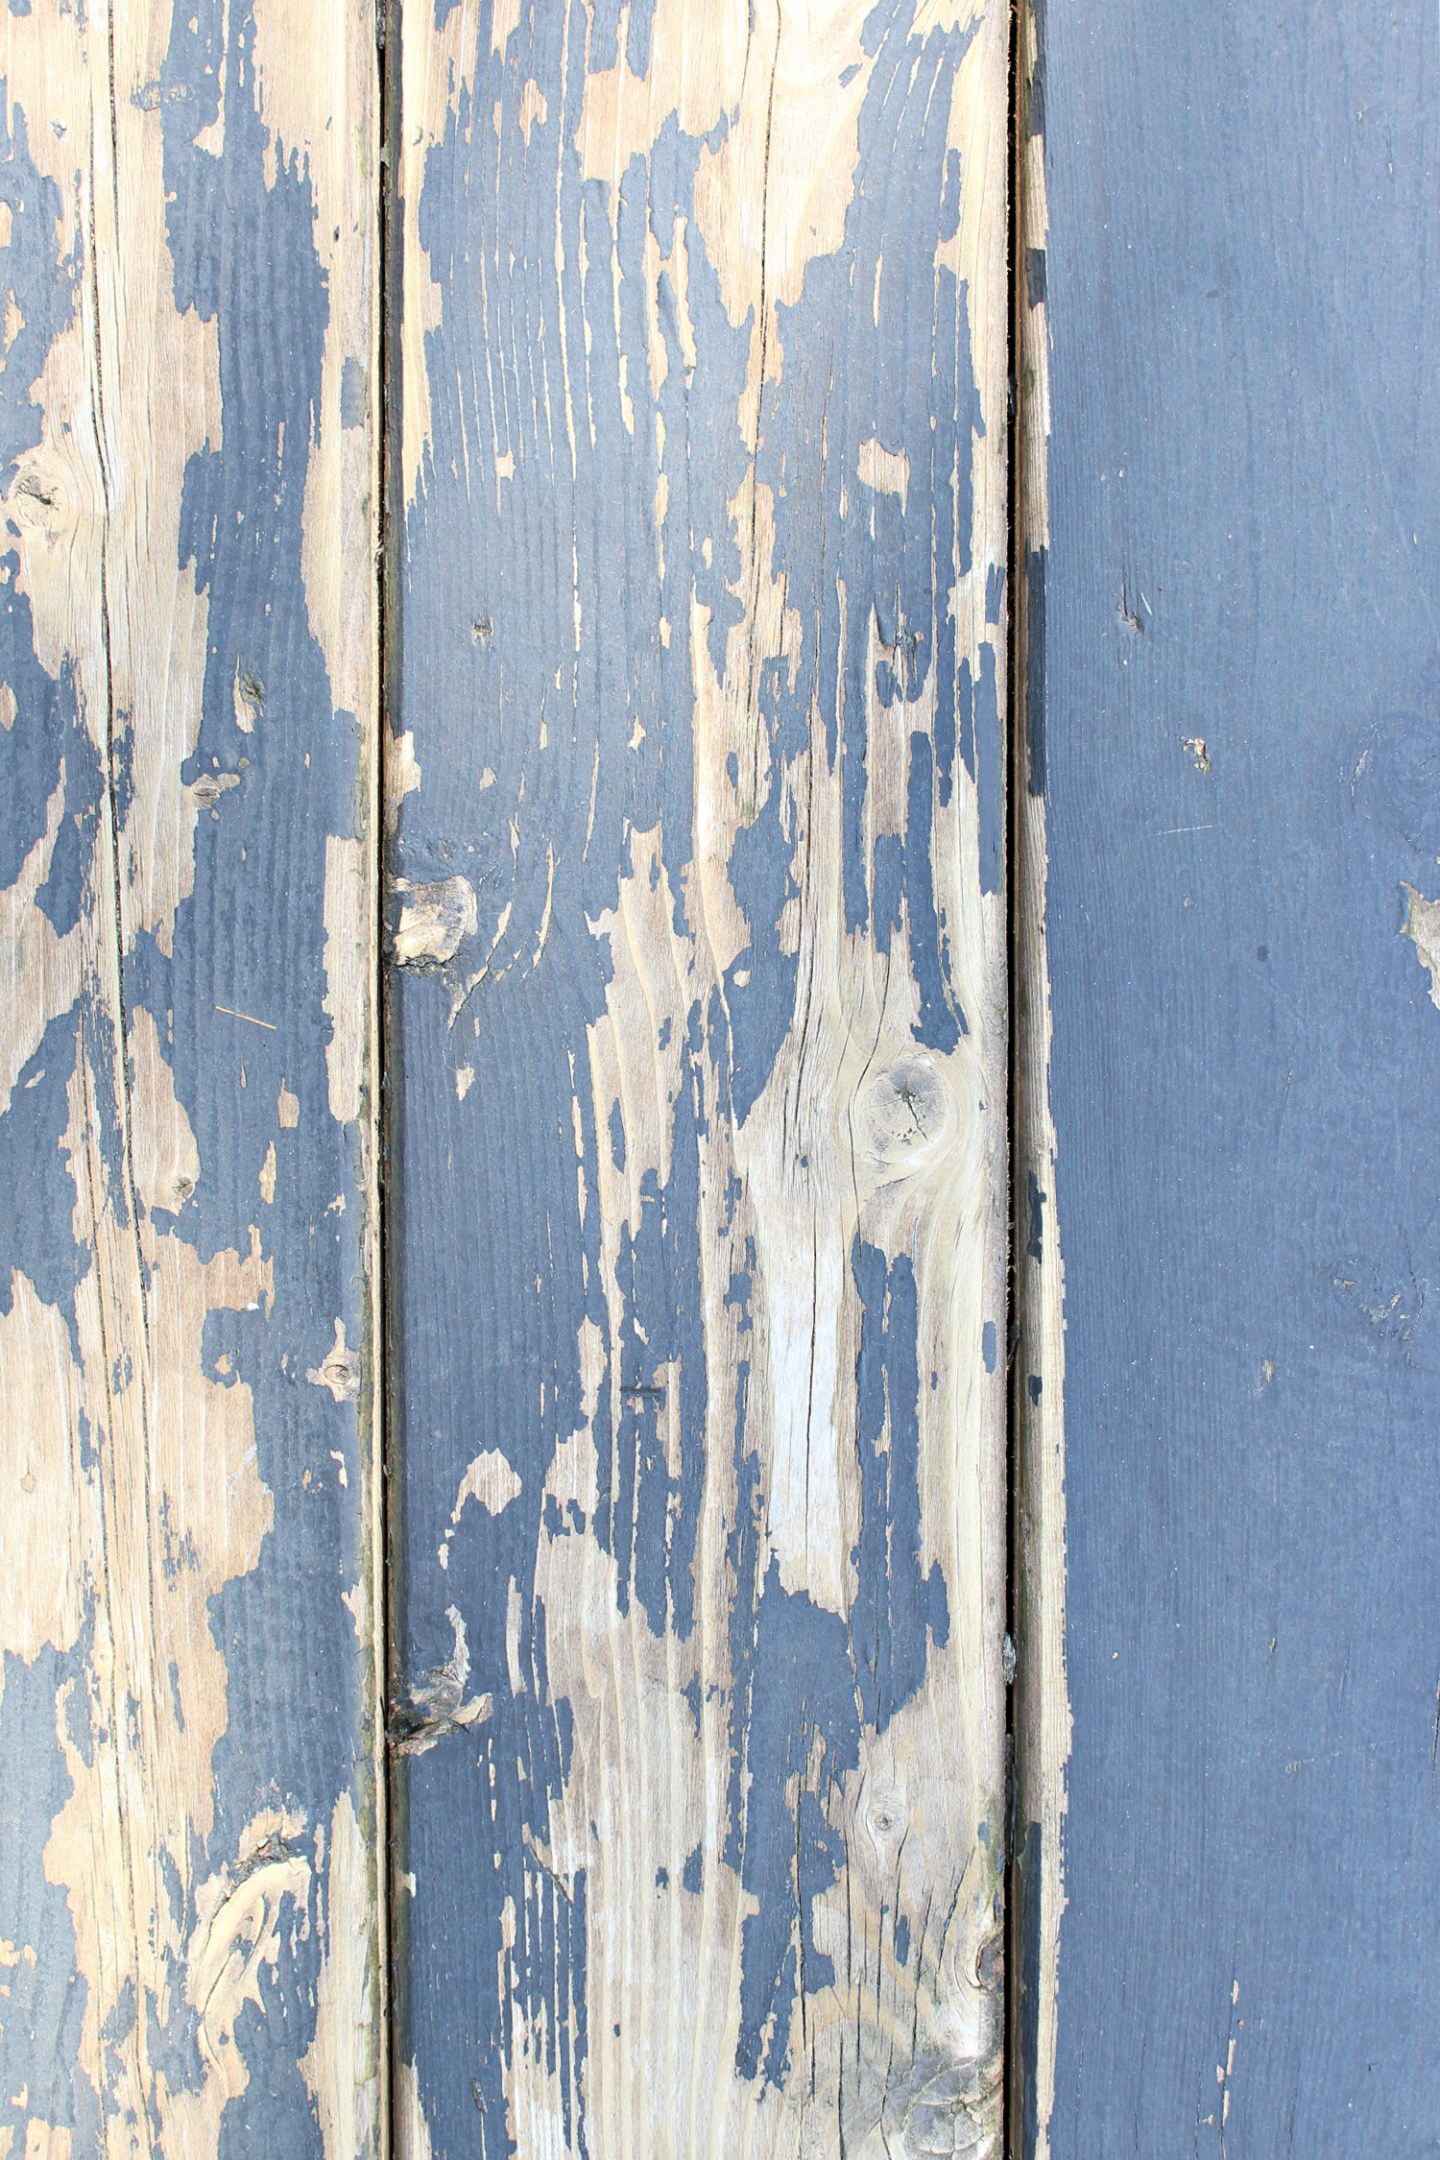 Fix Tight Deck Boards